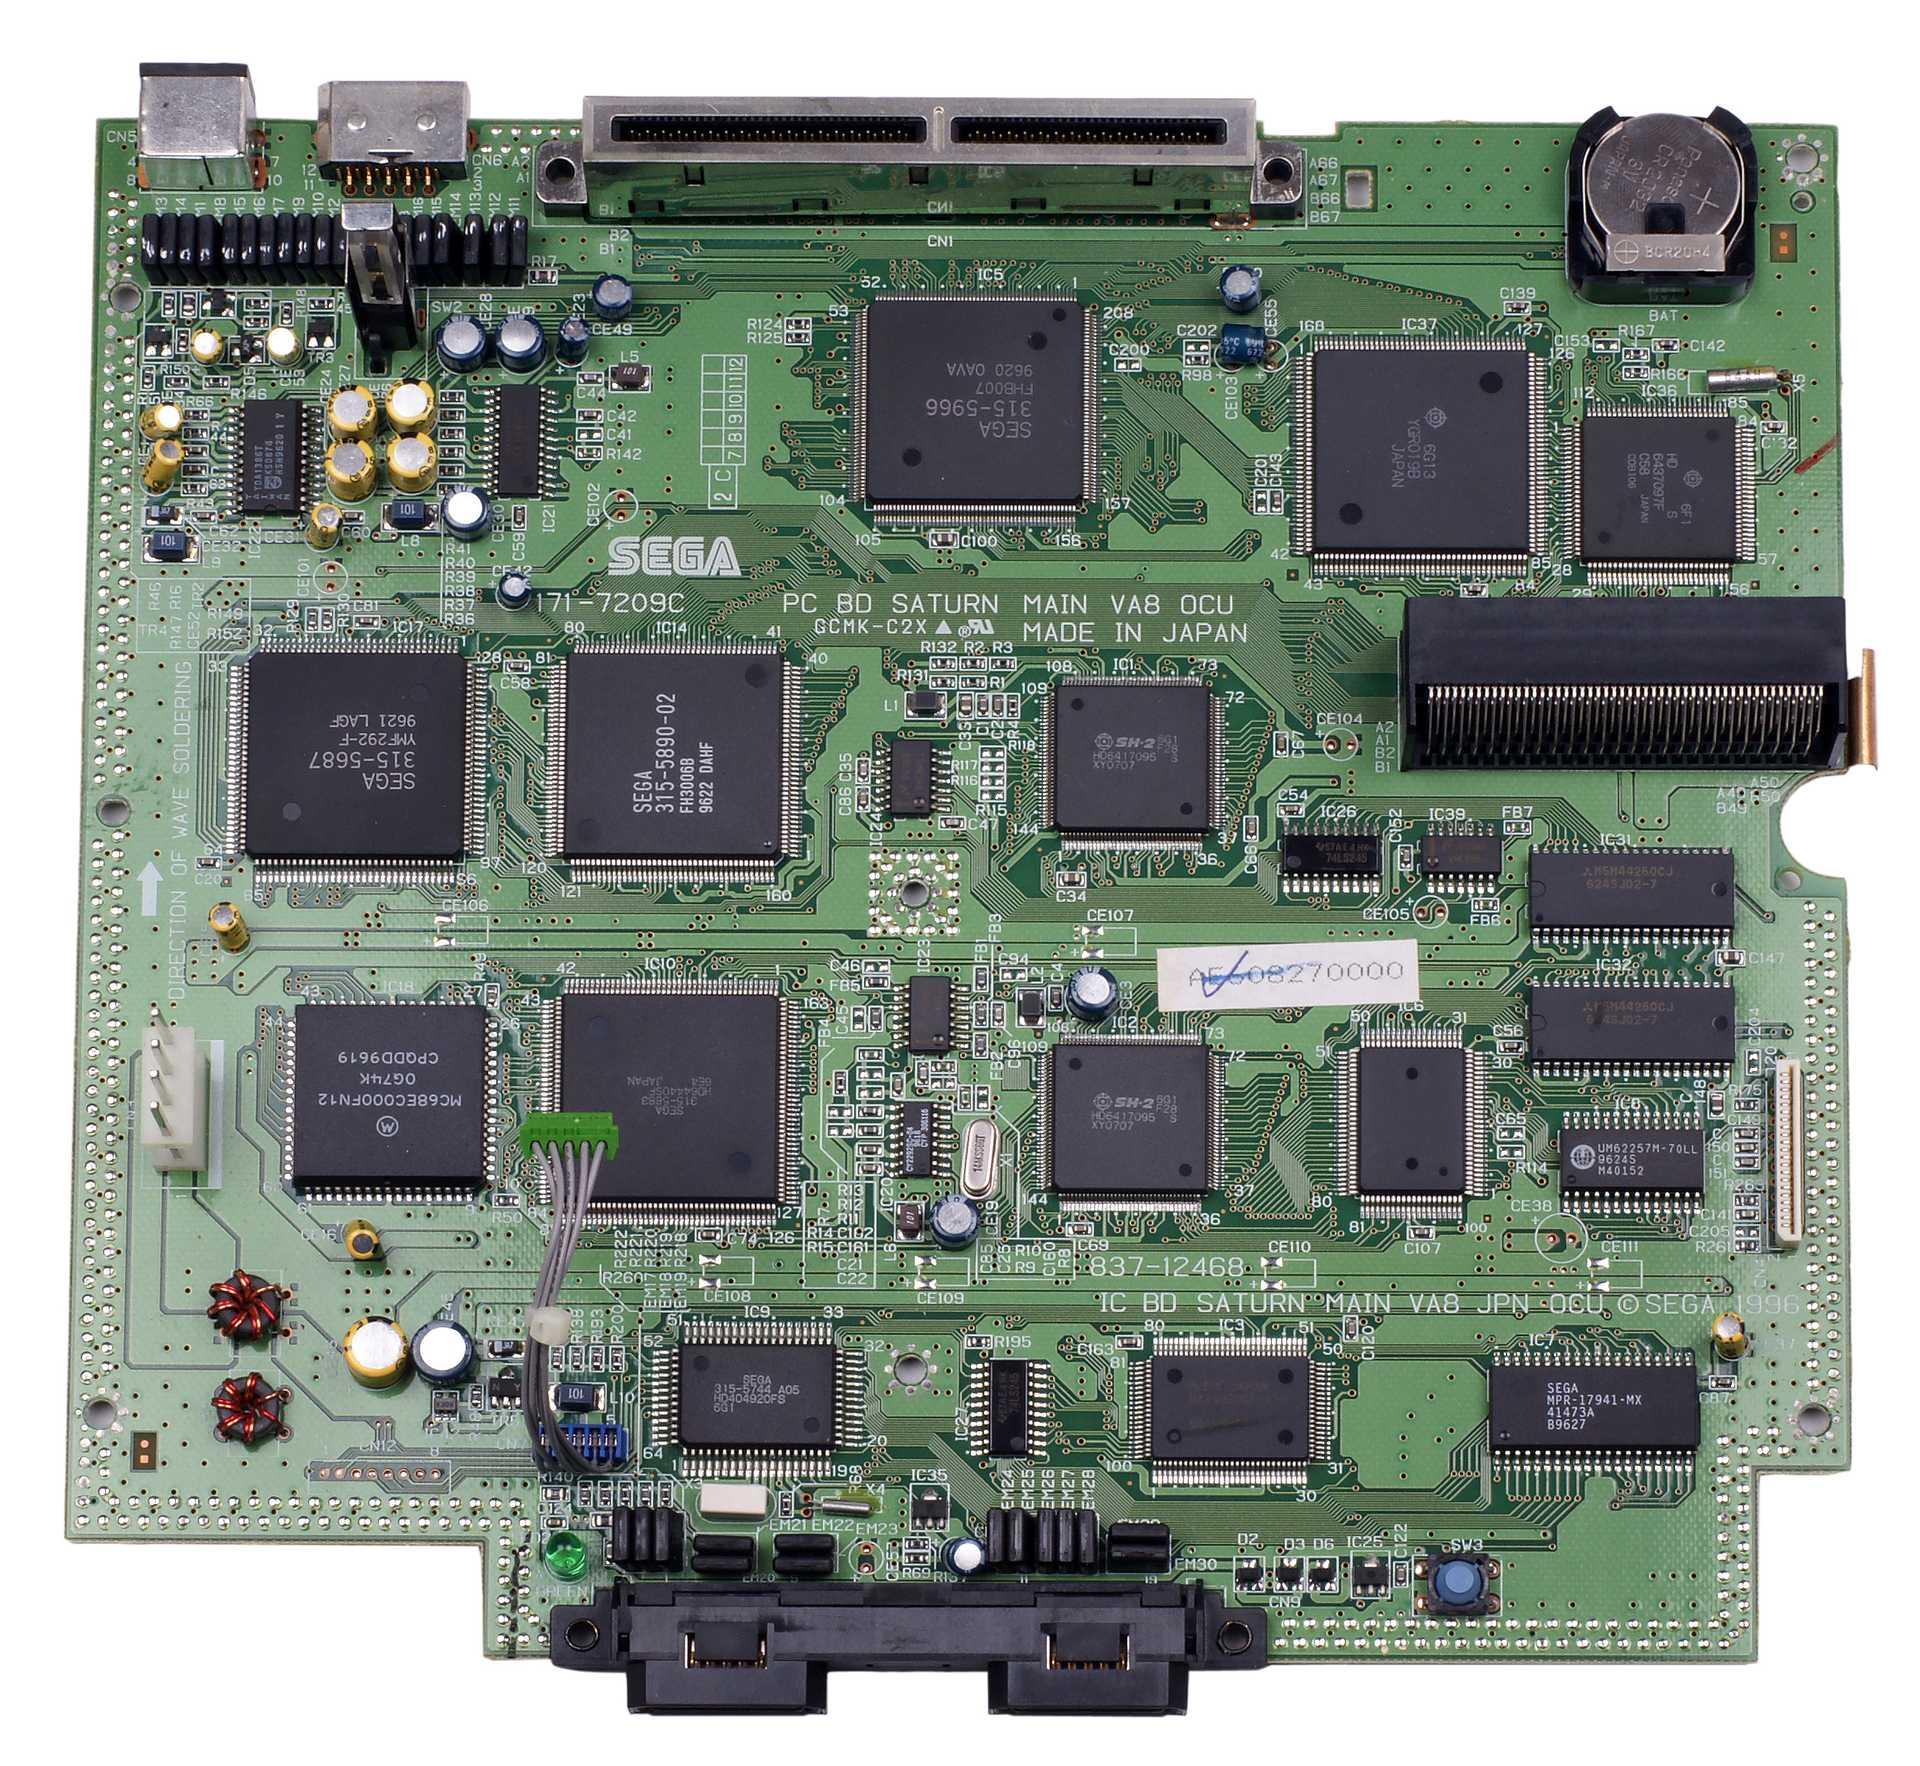 Rozložení procesorů na motherboardu Sega Saturn (zdroj: Wikimedia Commons)